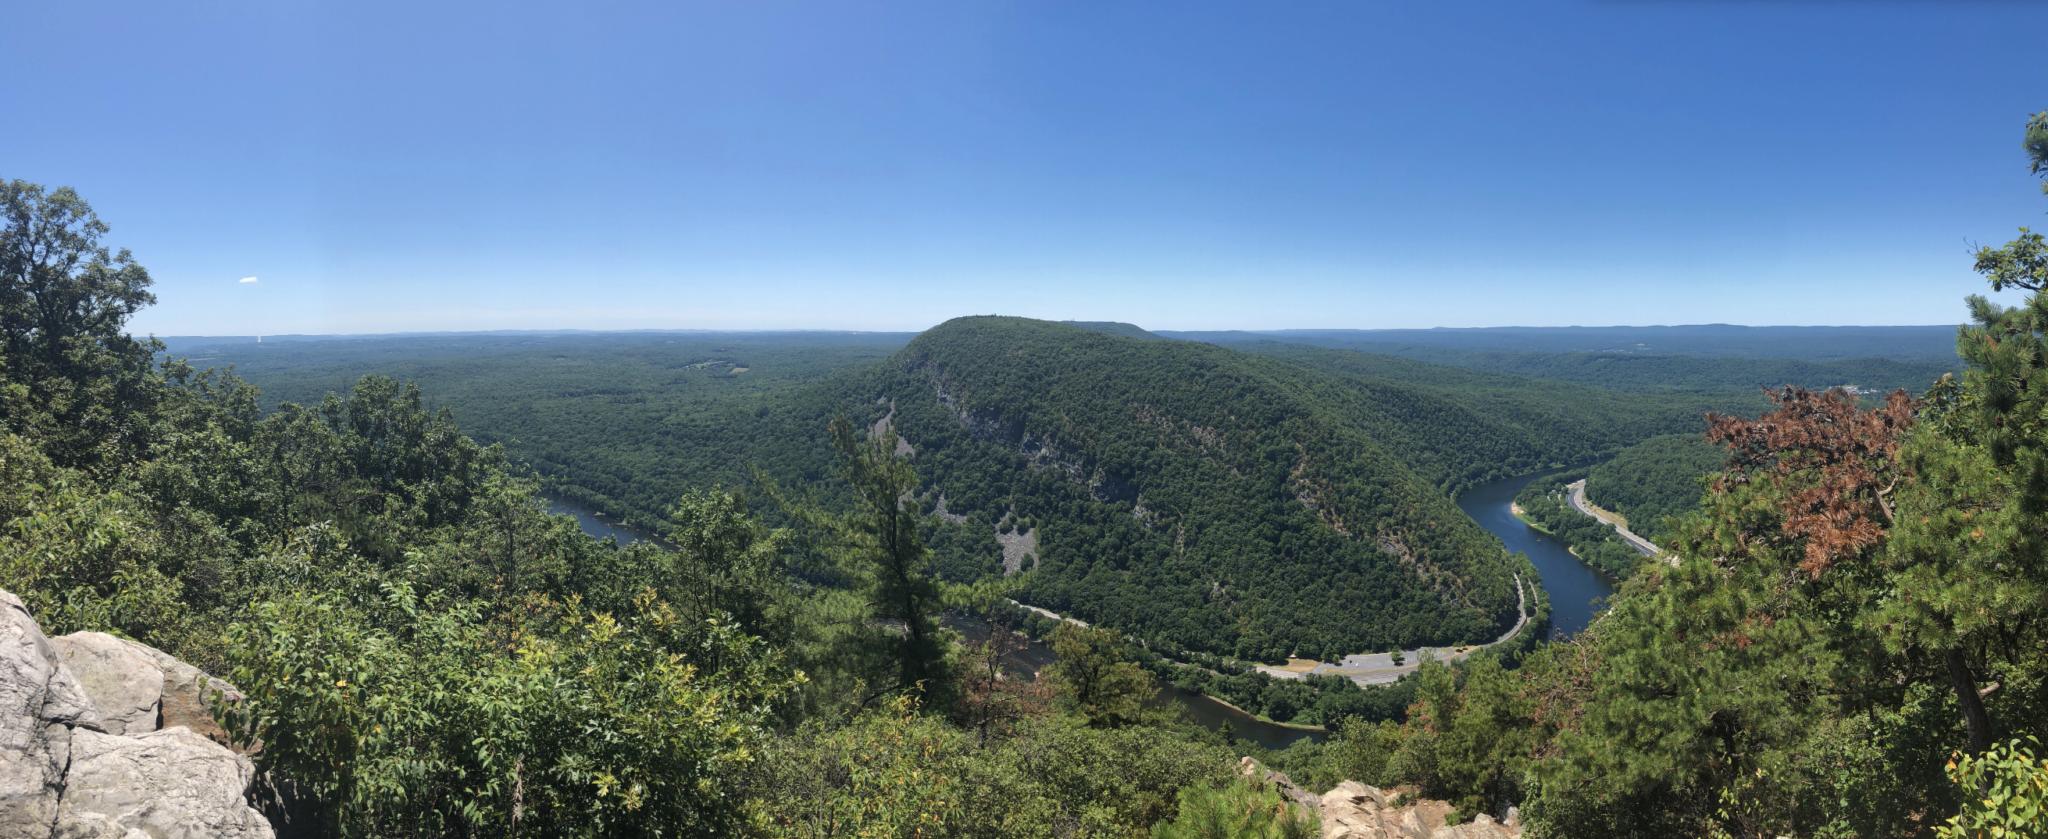 Delaware Water Gap, Mt. Tammany, Mt. Minsi, Hiking